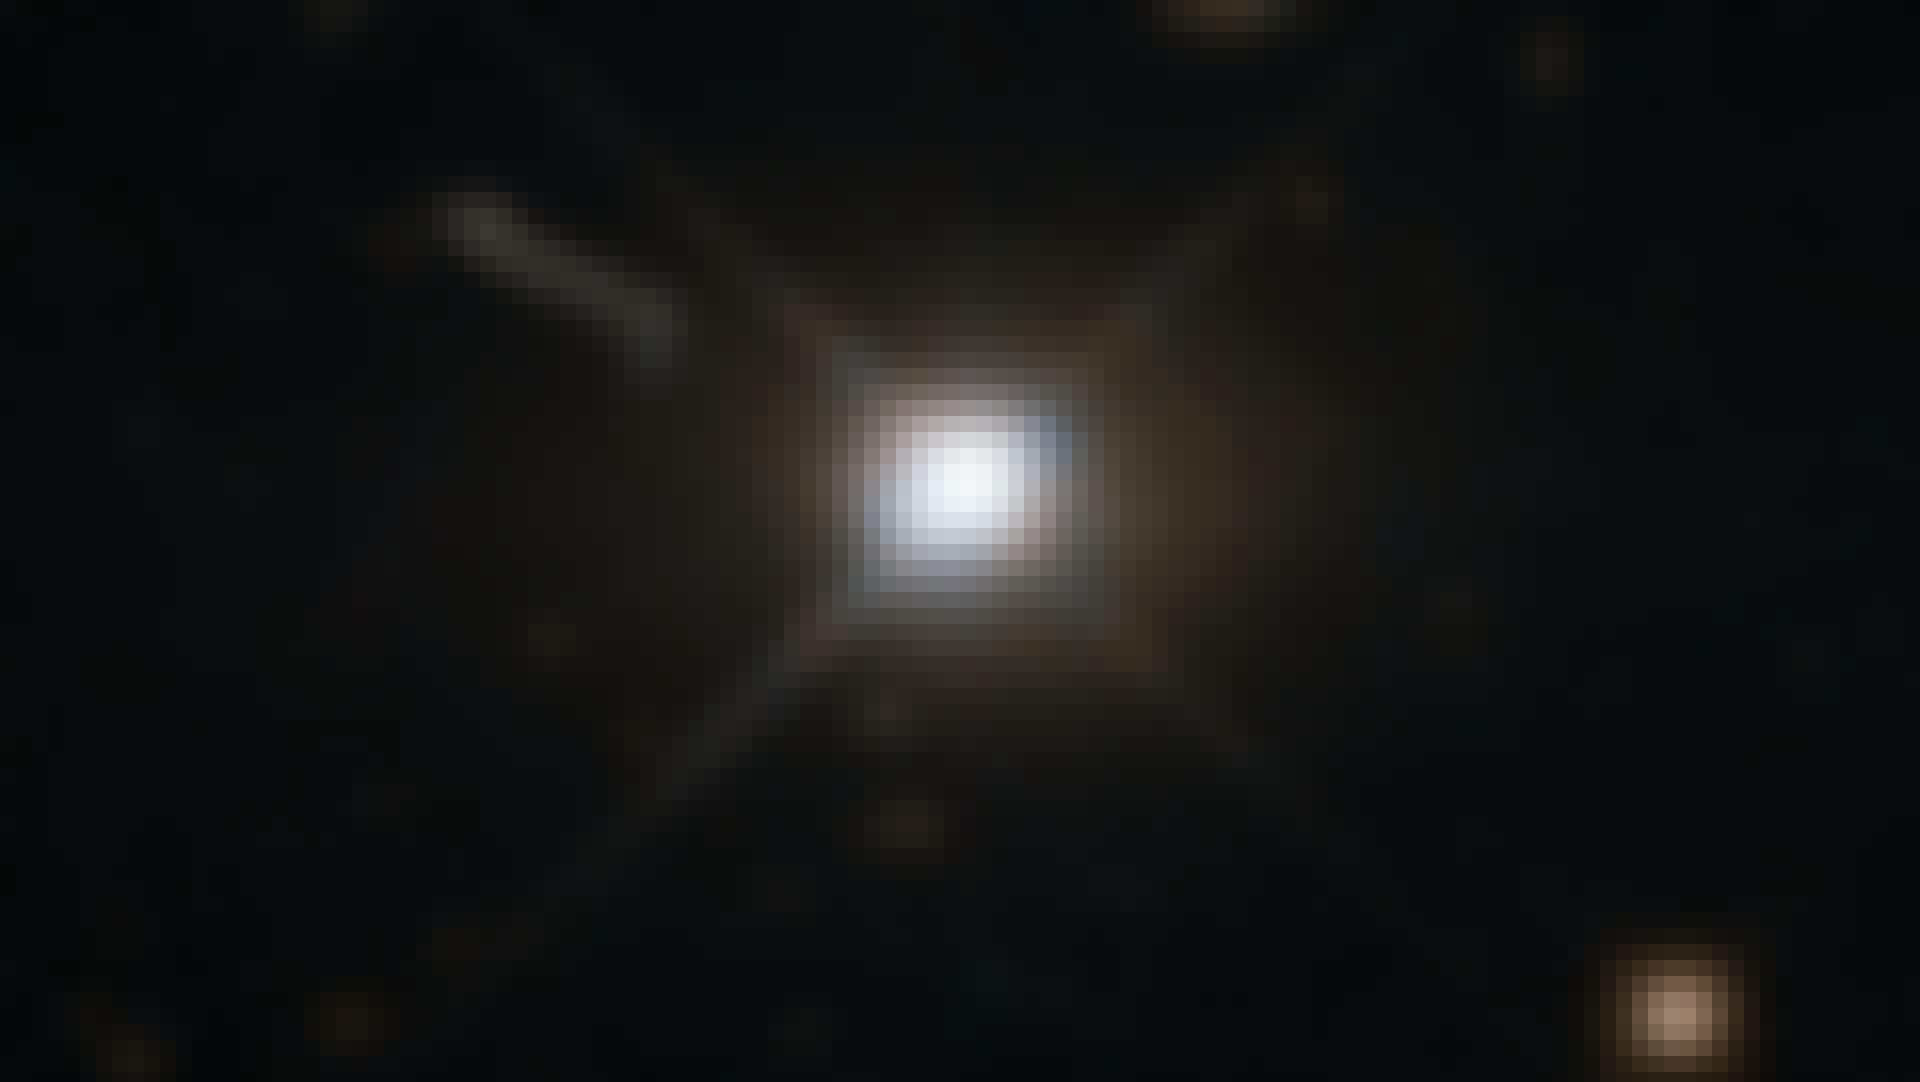 Kvasaari